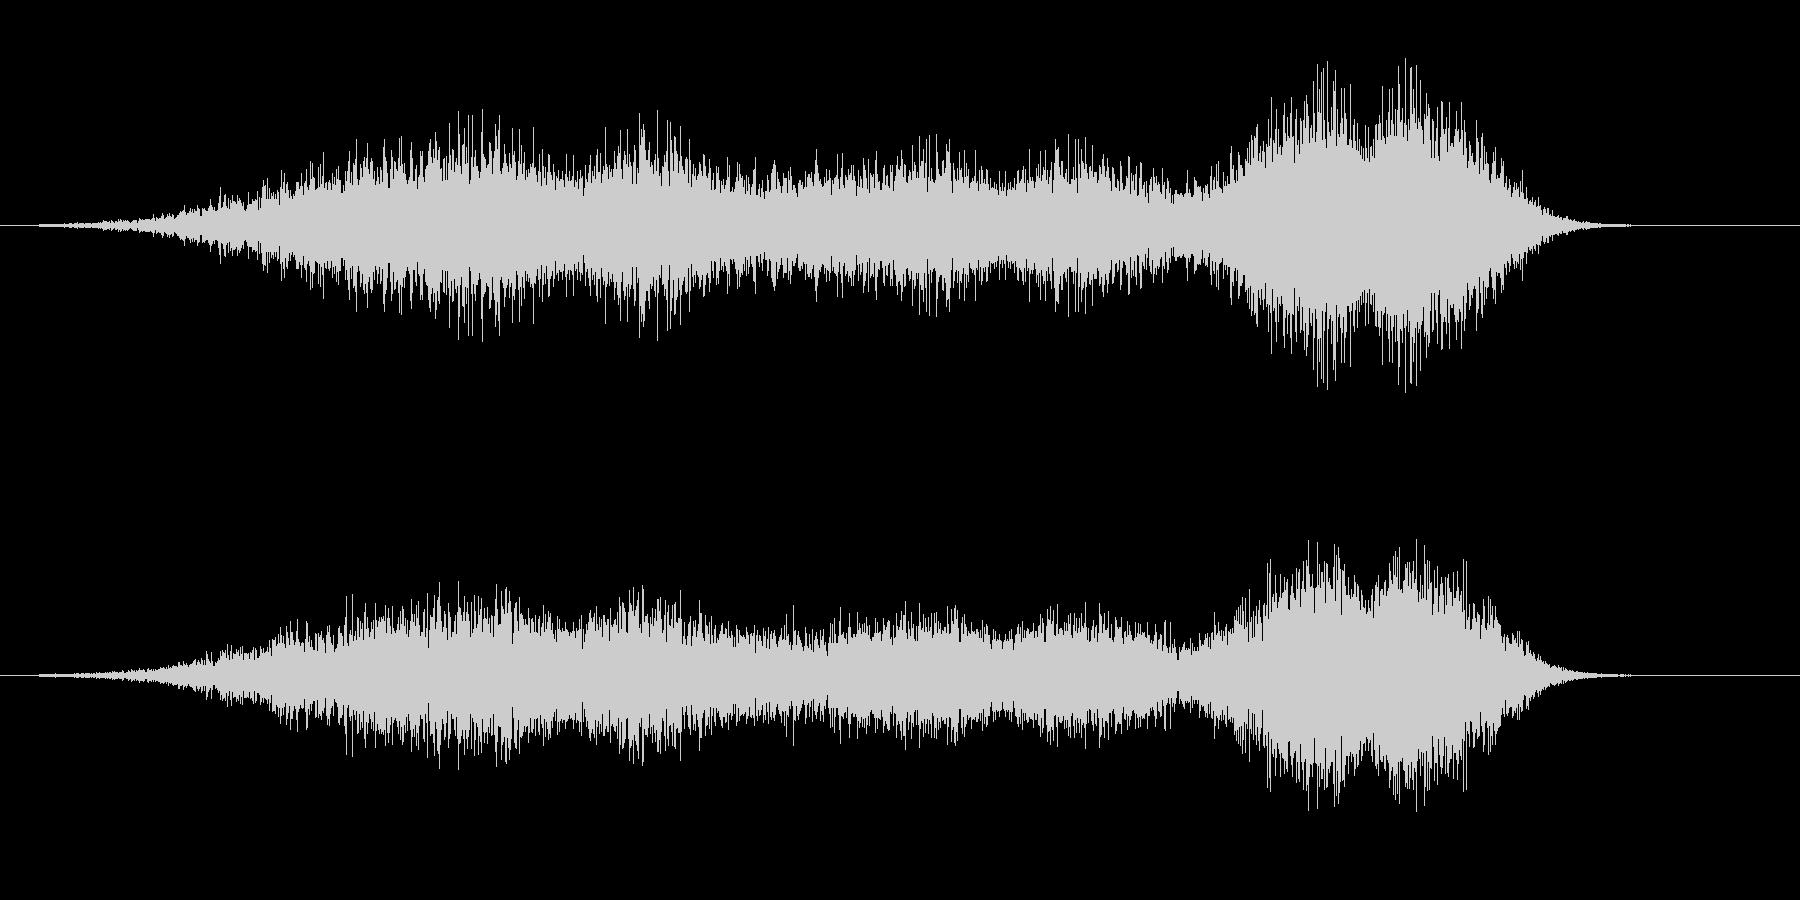 【SE 効果音】風(ホラー)2の未再生の波形